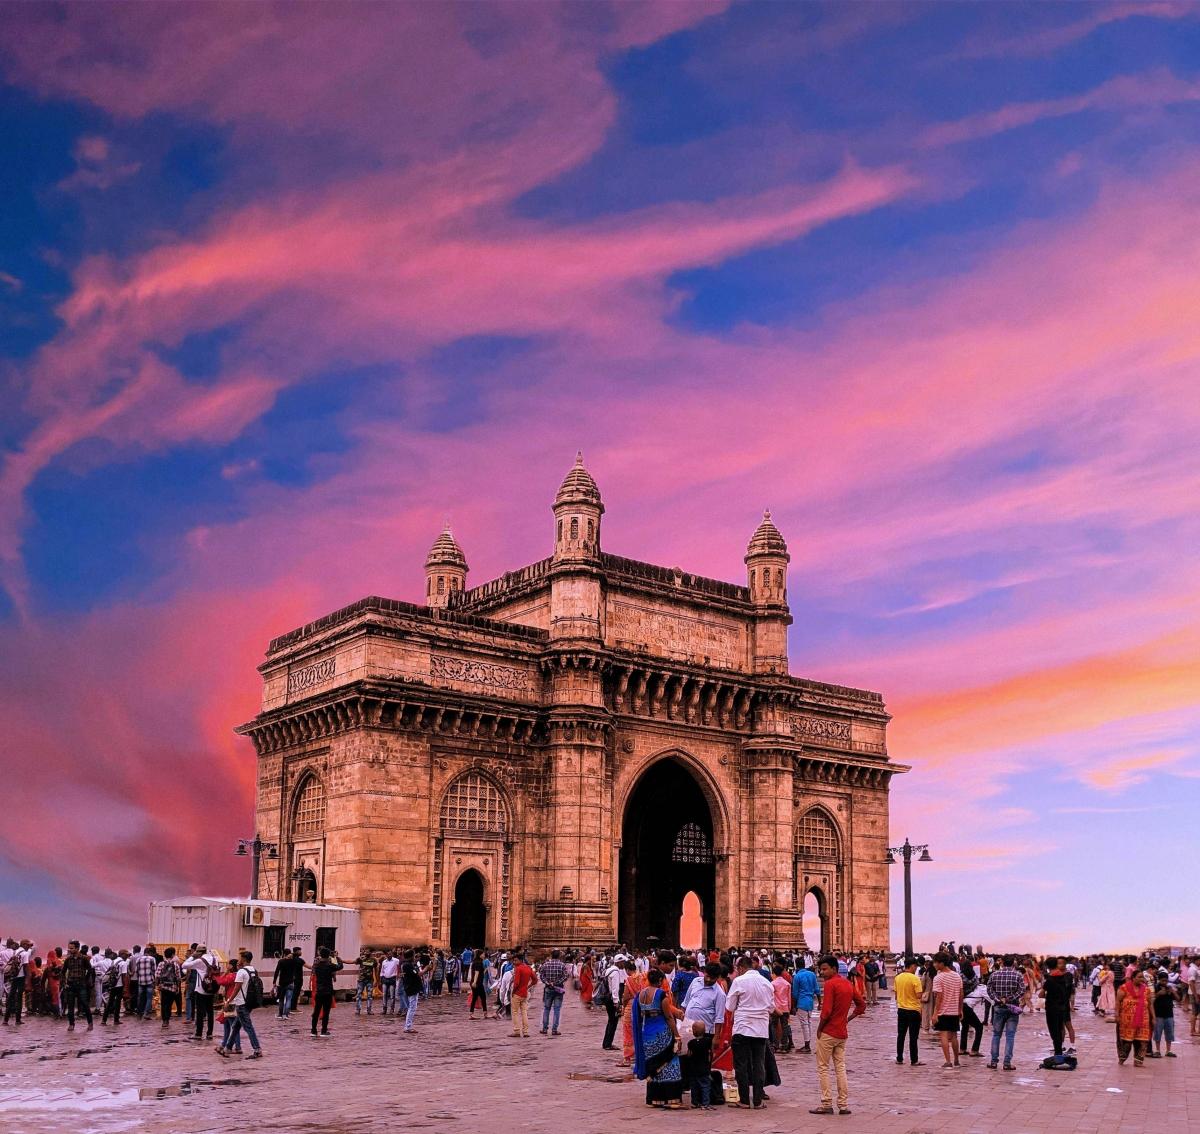 Cũng tại Mumbai, Christopher Nolan đã tập hợp đến 40 chiếc thuyền trước Cổng Ấn Độ (Gateway of India) – một công trình kiến trúc đồ sộ nằm ở cảng Apollo Bunder dọc theo bờ biển phía nam thành phố. Theo một số tờ báo địa phương, đoàn làm phim từng ngăn chặn một nam thanh niên có ý định nhảy lầu tự tử từ khách sạn Taj Hotel. Anh này nhảy trúng vào... phim trường và được giữ lại nhờ trang thiết bị, sau đó đã được cảnh sát đưa đi an toàn.